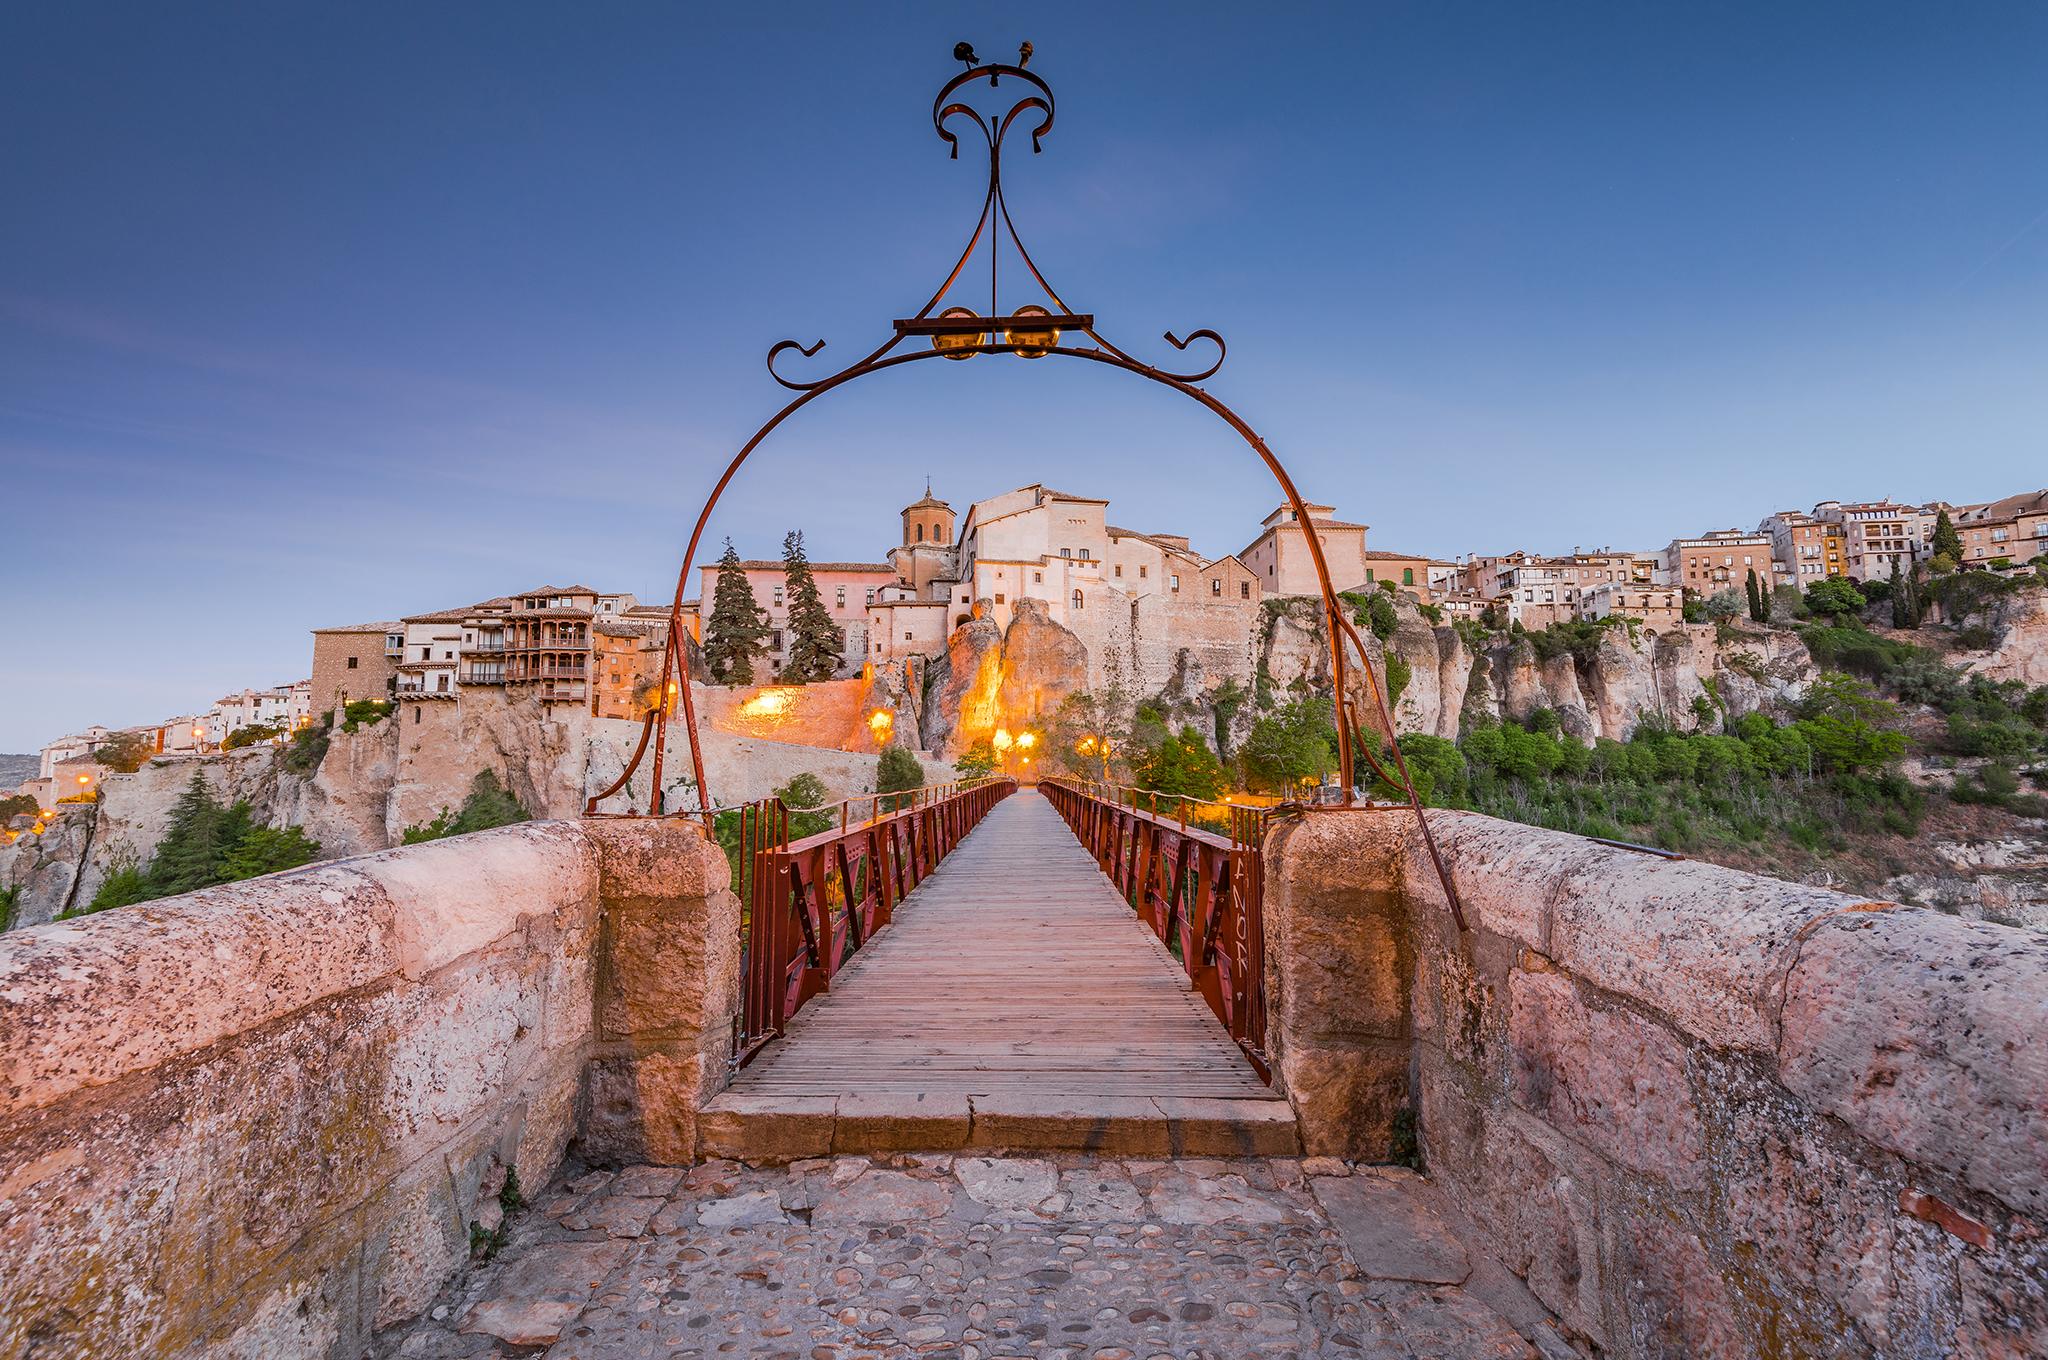 Los puentes más bonitos de España - Puente de San Pablo (Cuenca) | Foto:  Marcin Jucha | Dreamstime.com